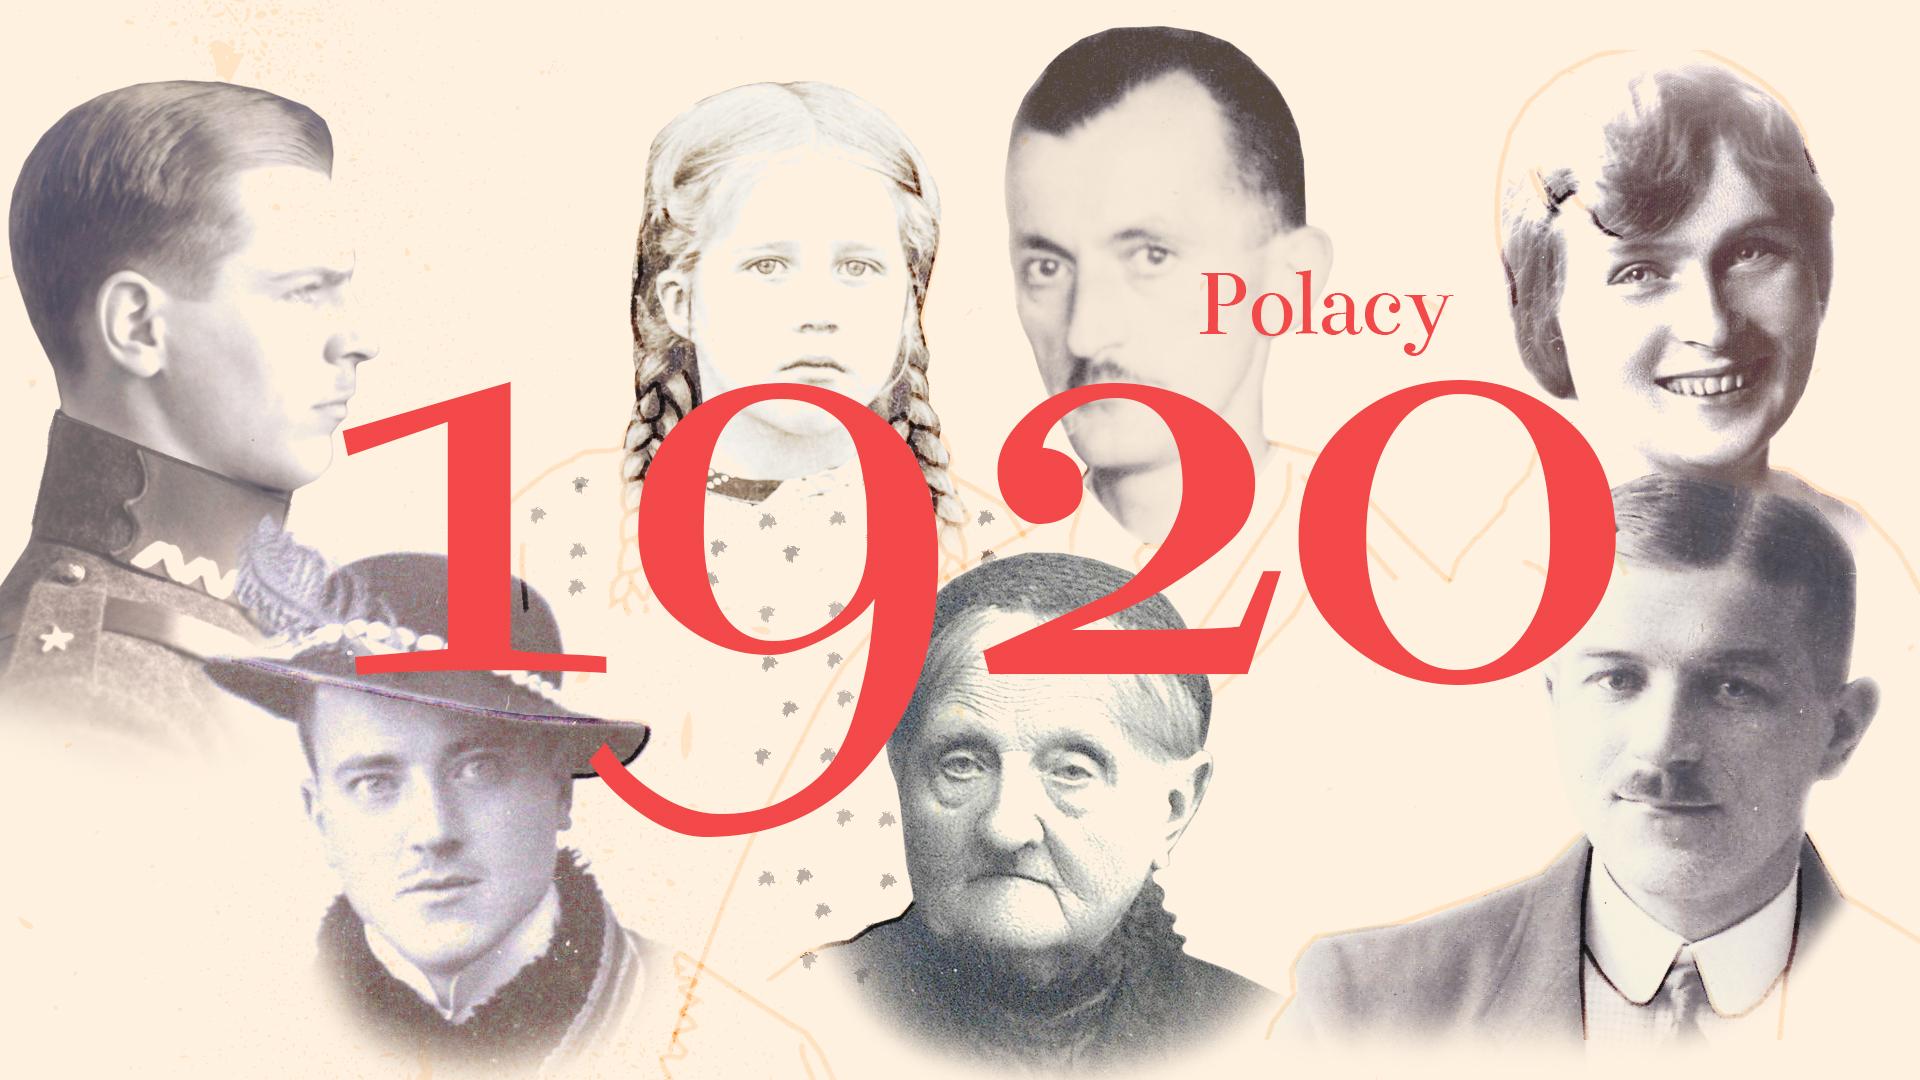 Polacy1920.pl – nowy projekt Instytutu Łukasiewicza na setną rocznicę zwycięskiej Bitwy Warszawskiej